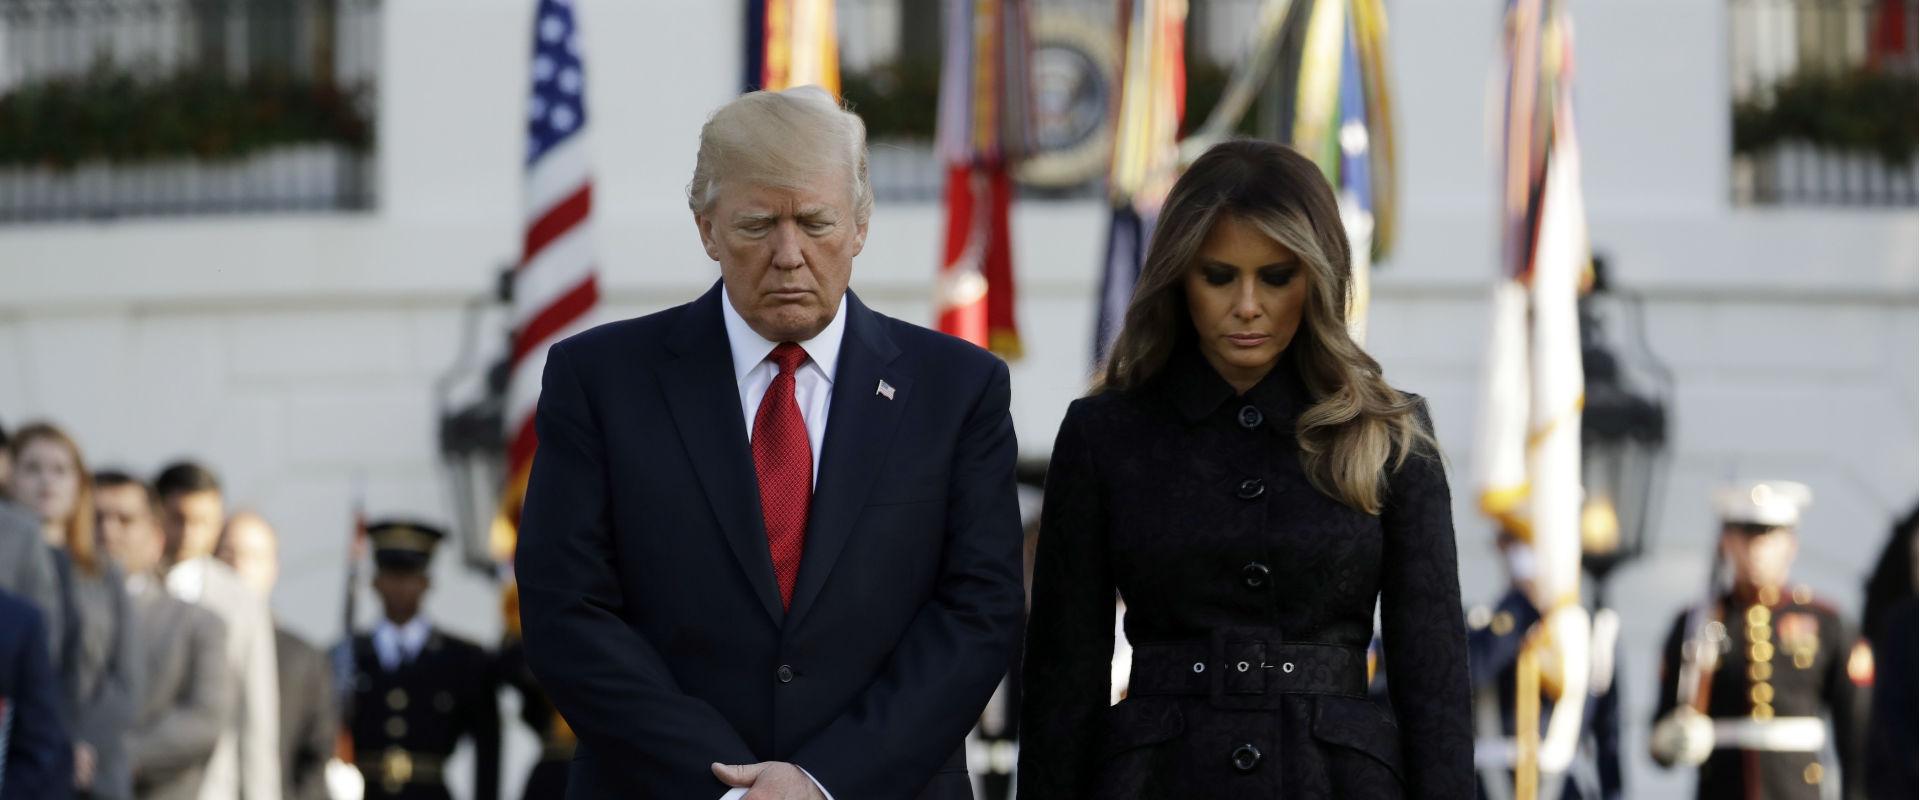 בני הזוג טראמפ בדקת דומיה בבית הלבן, היום